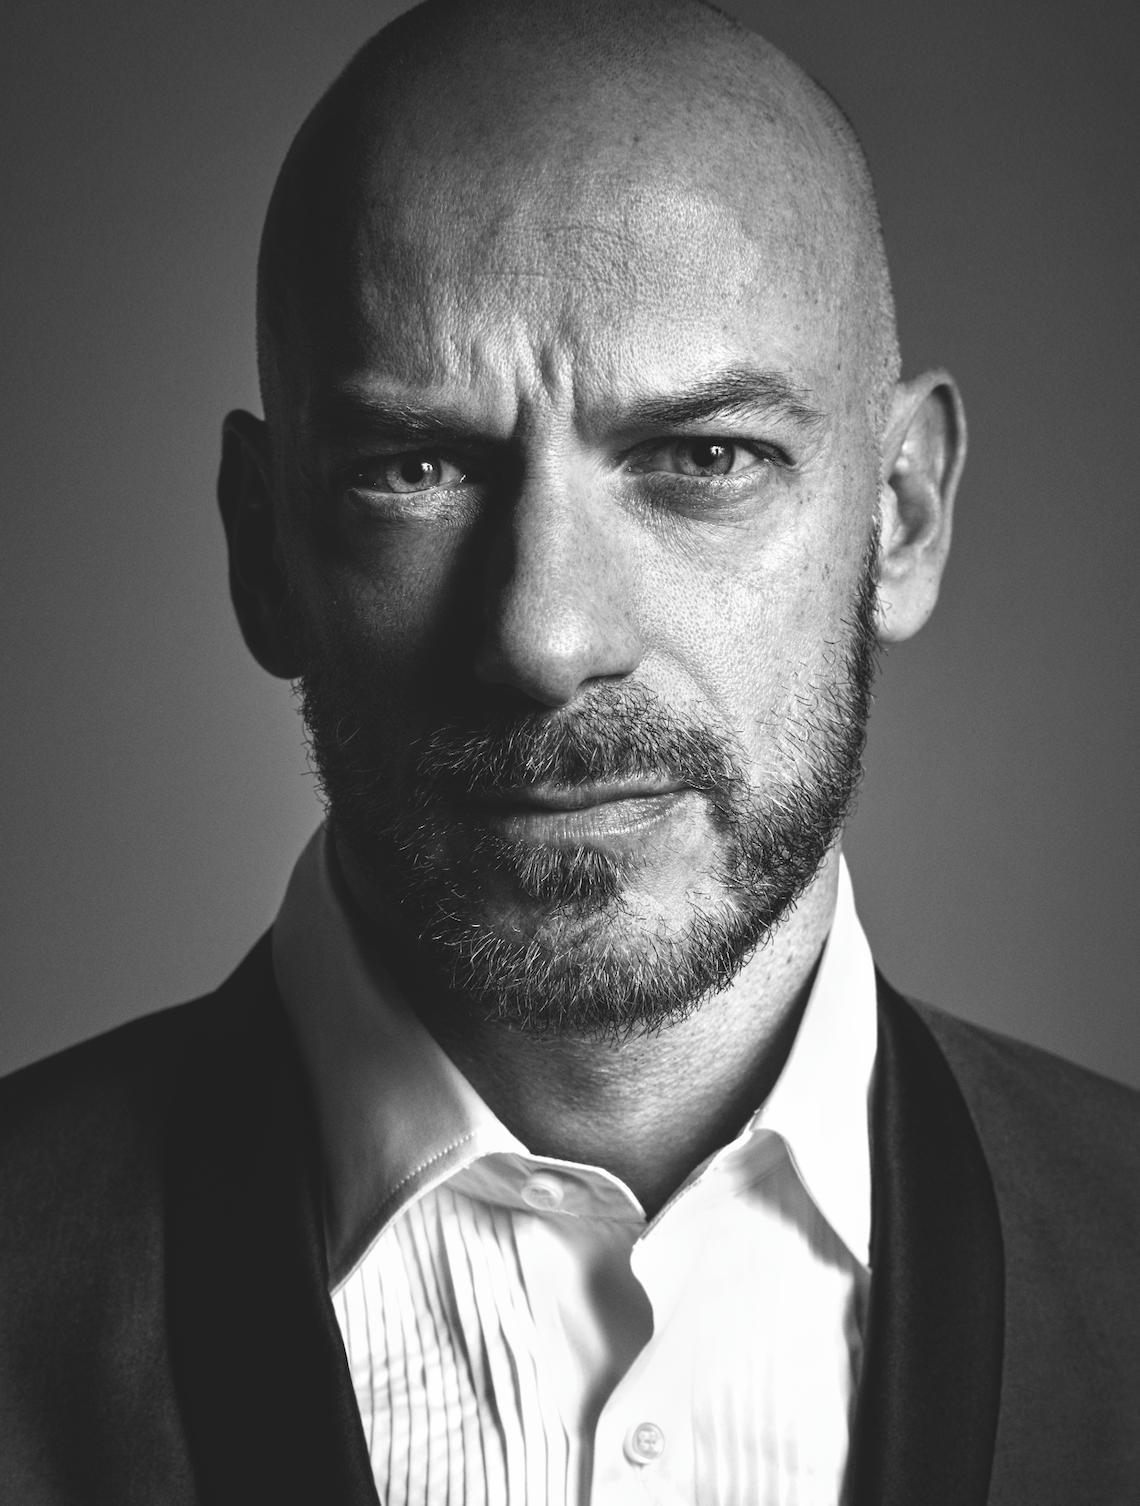 Filippo Nigro (GQ March 2016)